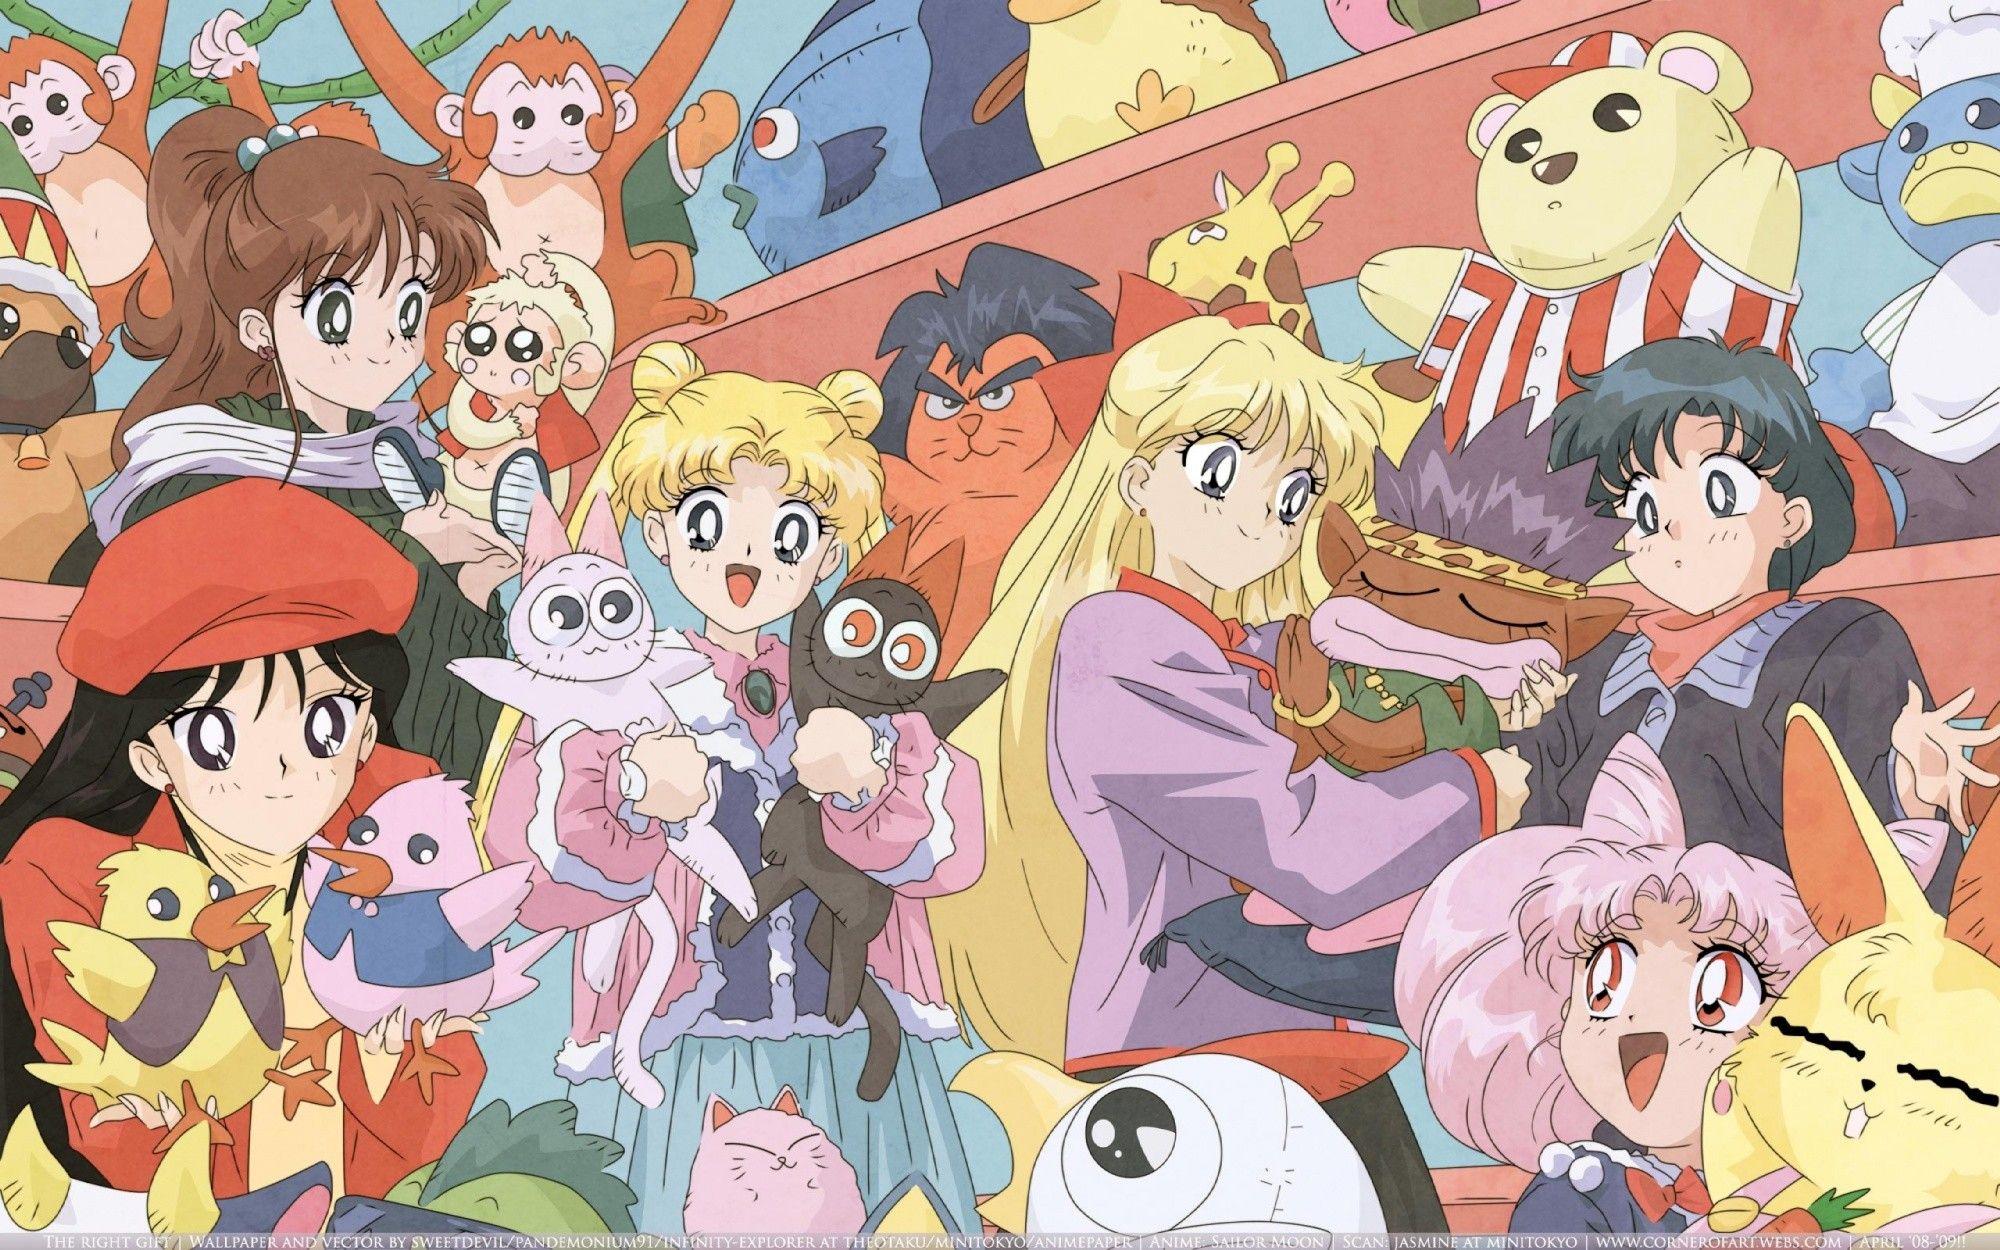 2000x1250 Bishoujo Senshi Sailor Moon · download Bishoujo